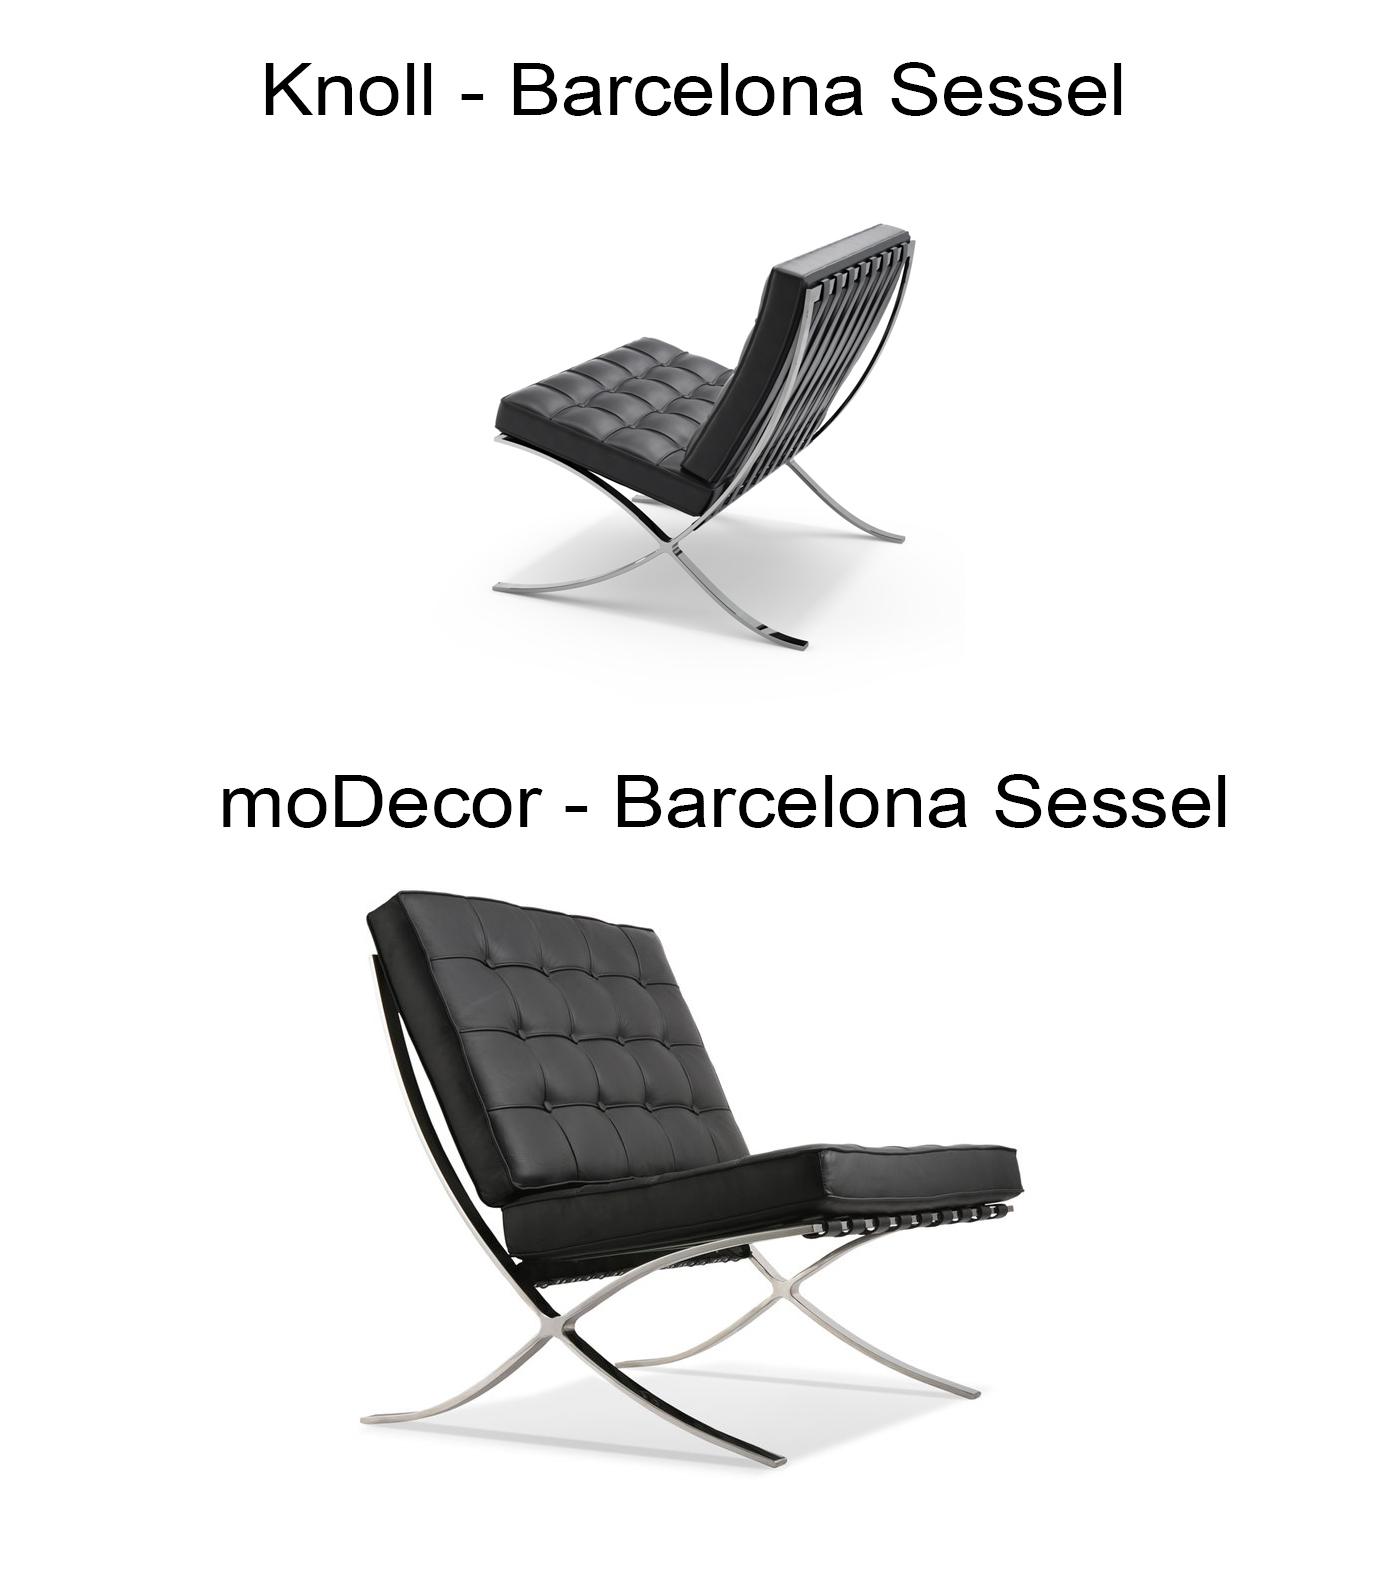 Modecor Hochwertige Designklassiker Zu Attraktiven Preisen